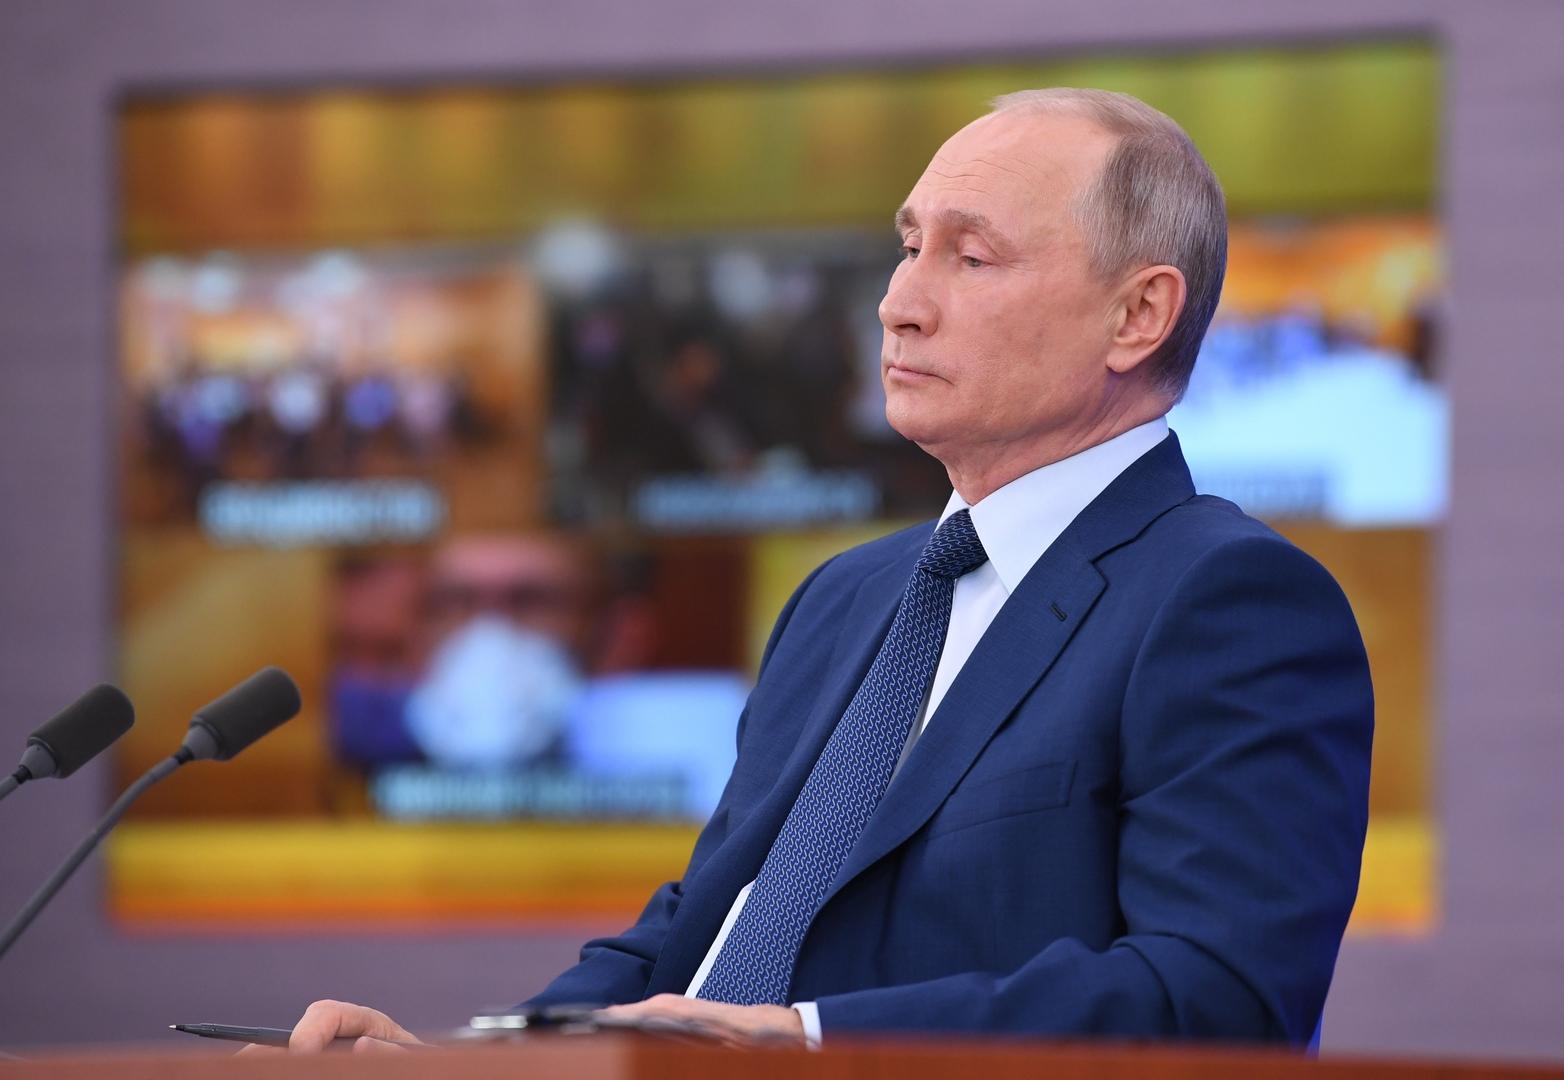 بوتين يتلقى الجرعة الثانية من لقاح كورونا